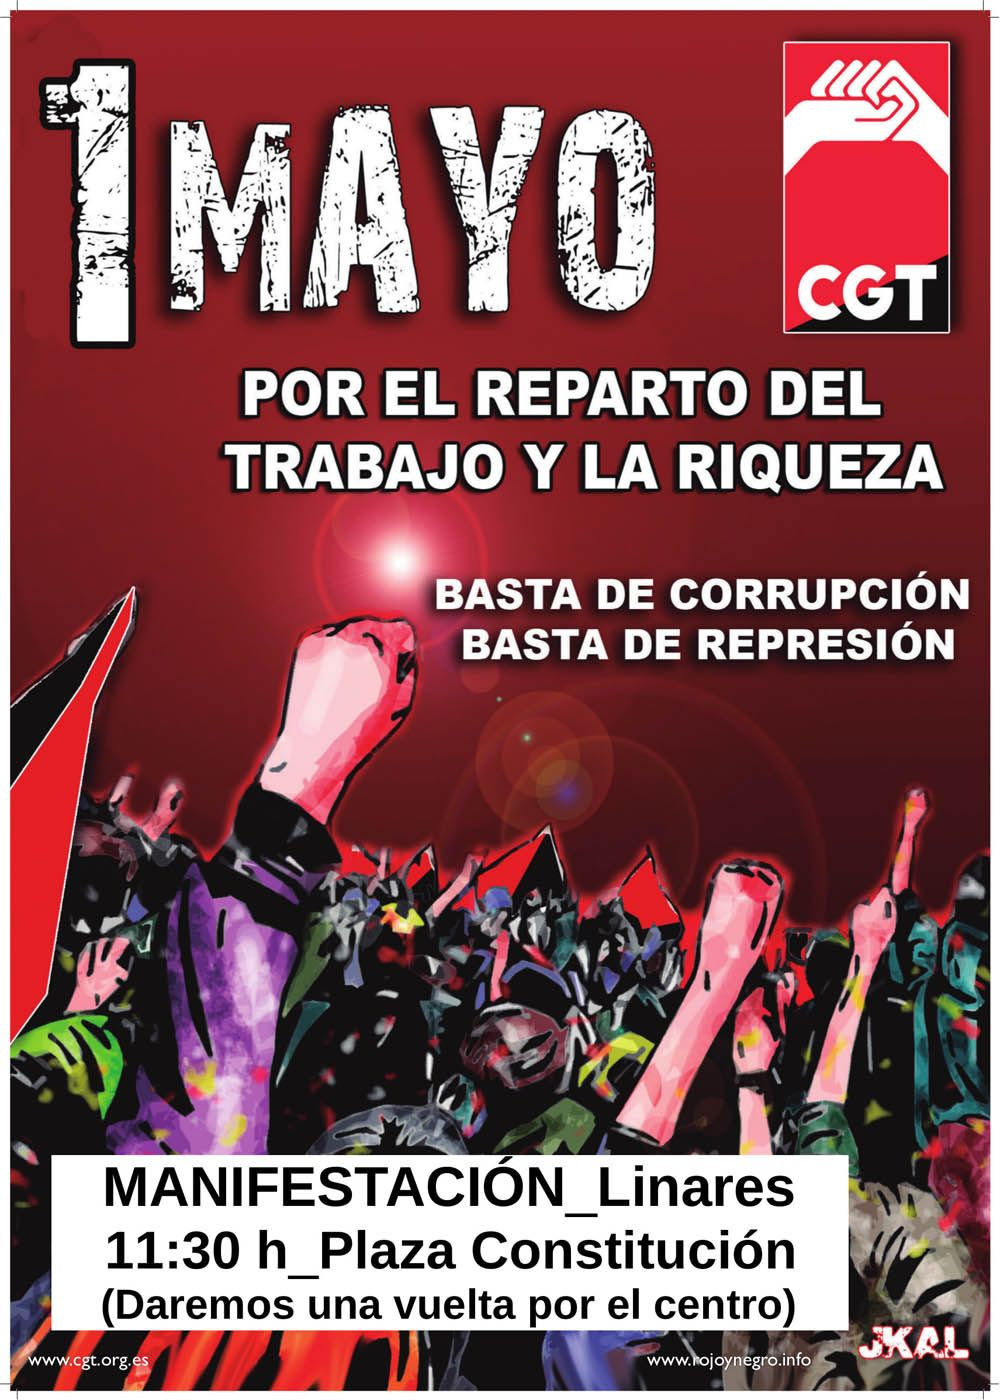 MANIFIESTO 1º DE MAYO DE CGT LINARES